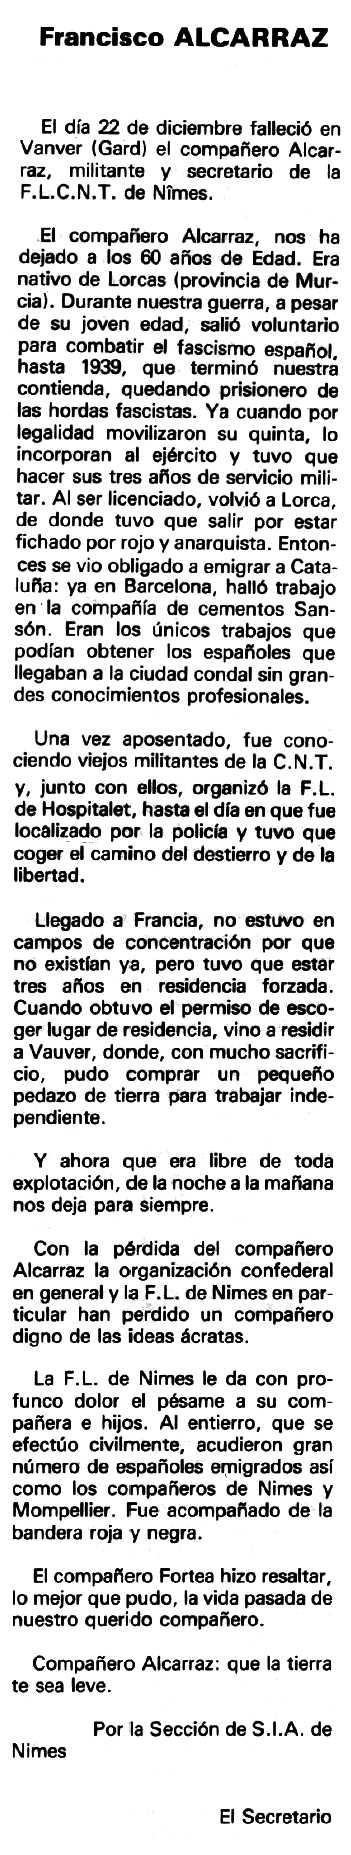 """Necrològica de Francisco Alcaraz Franco apareguda al periòdic tolosà """"Espoir"""" del 26 d'abril de 1981"""